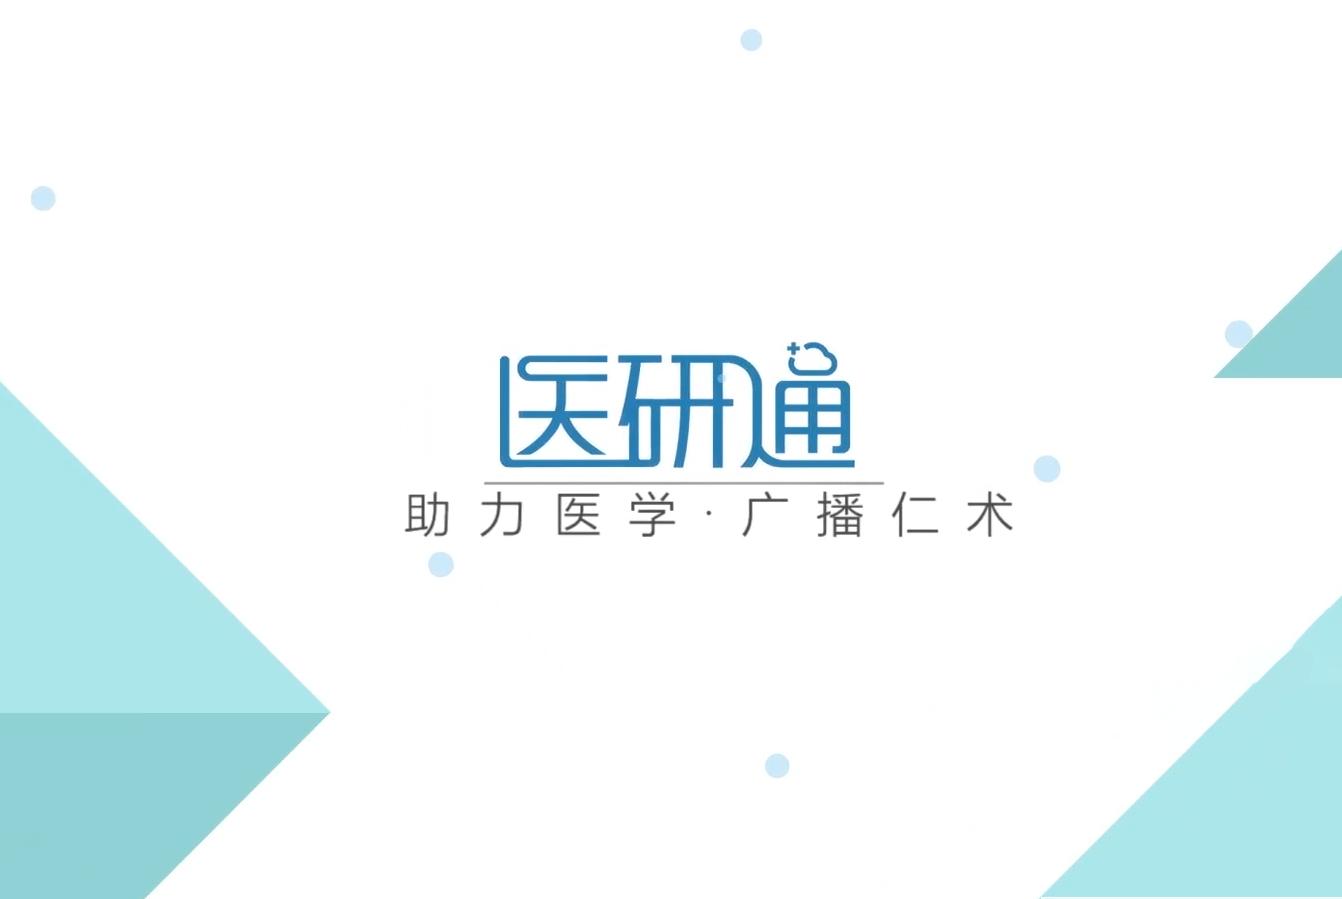 医研通智联云平台